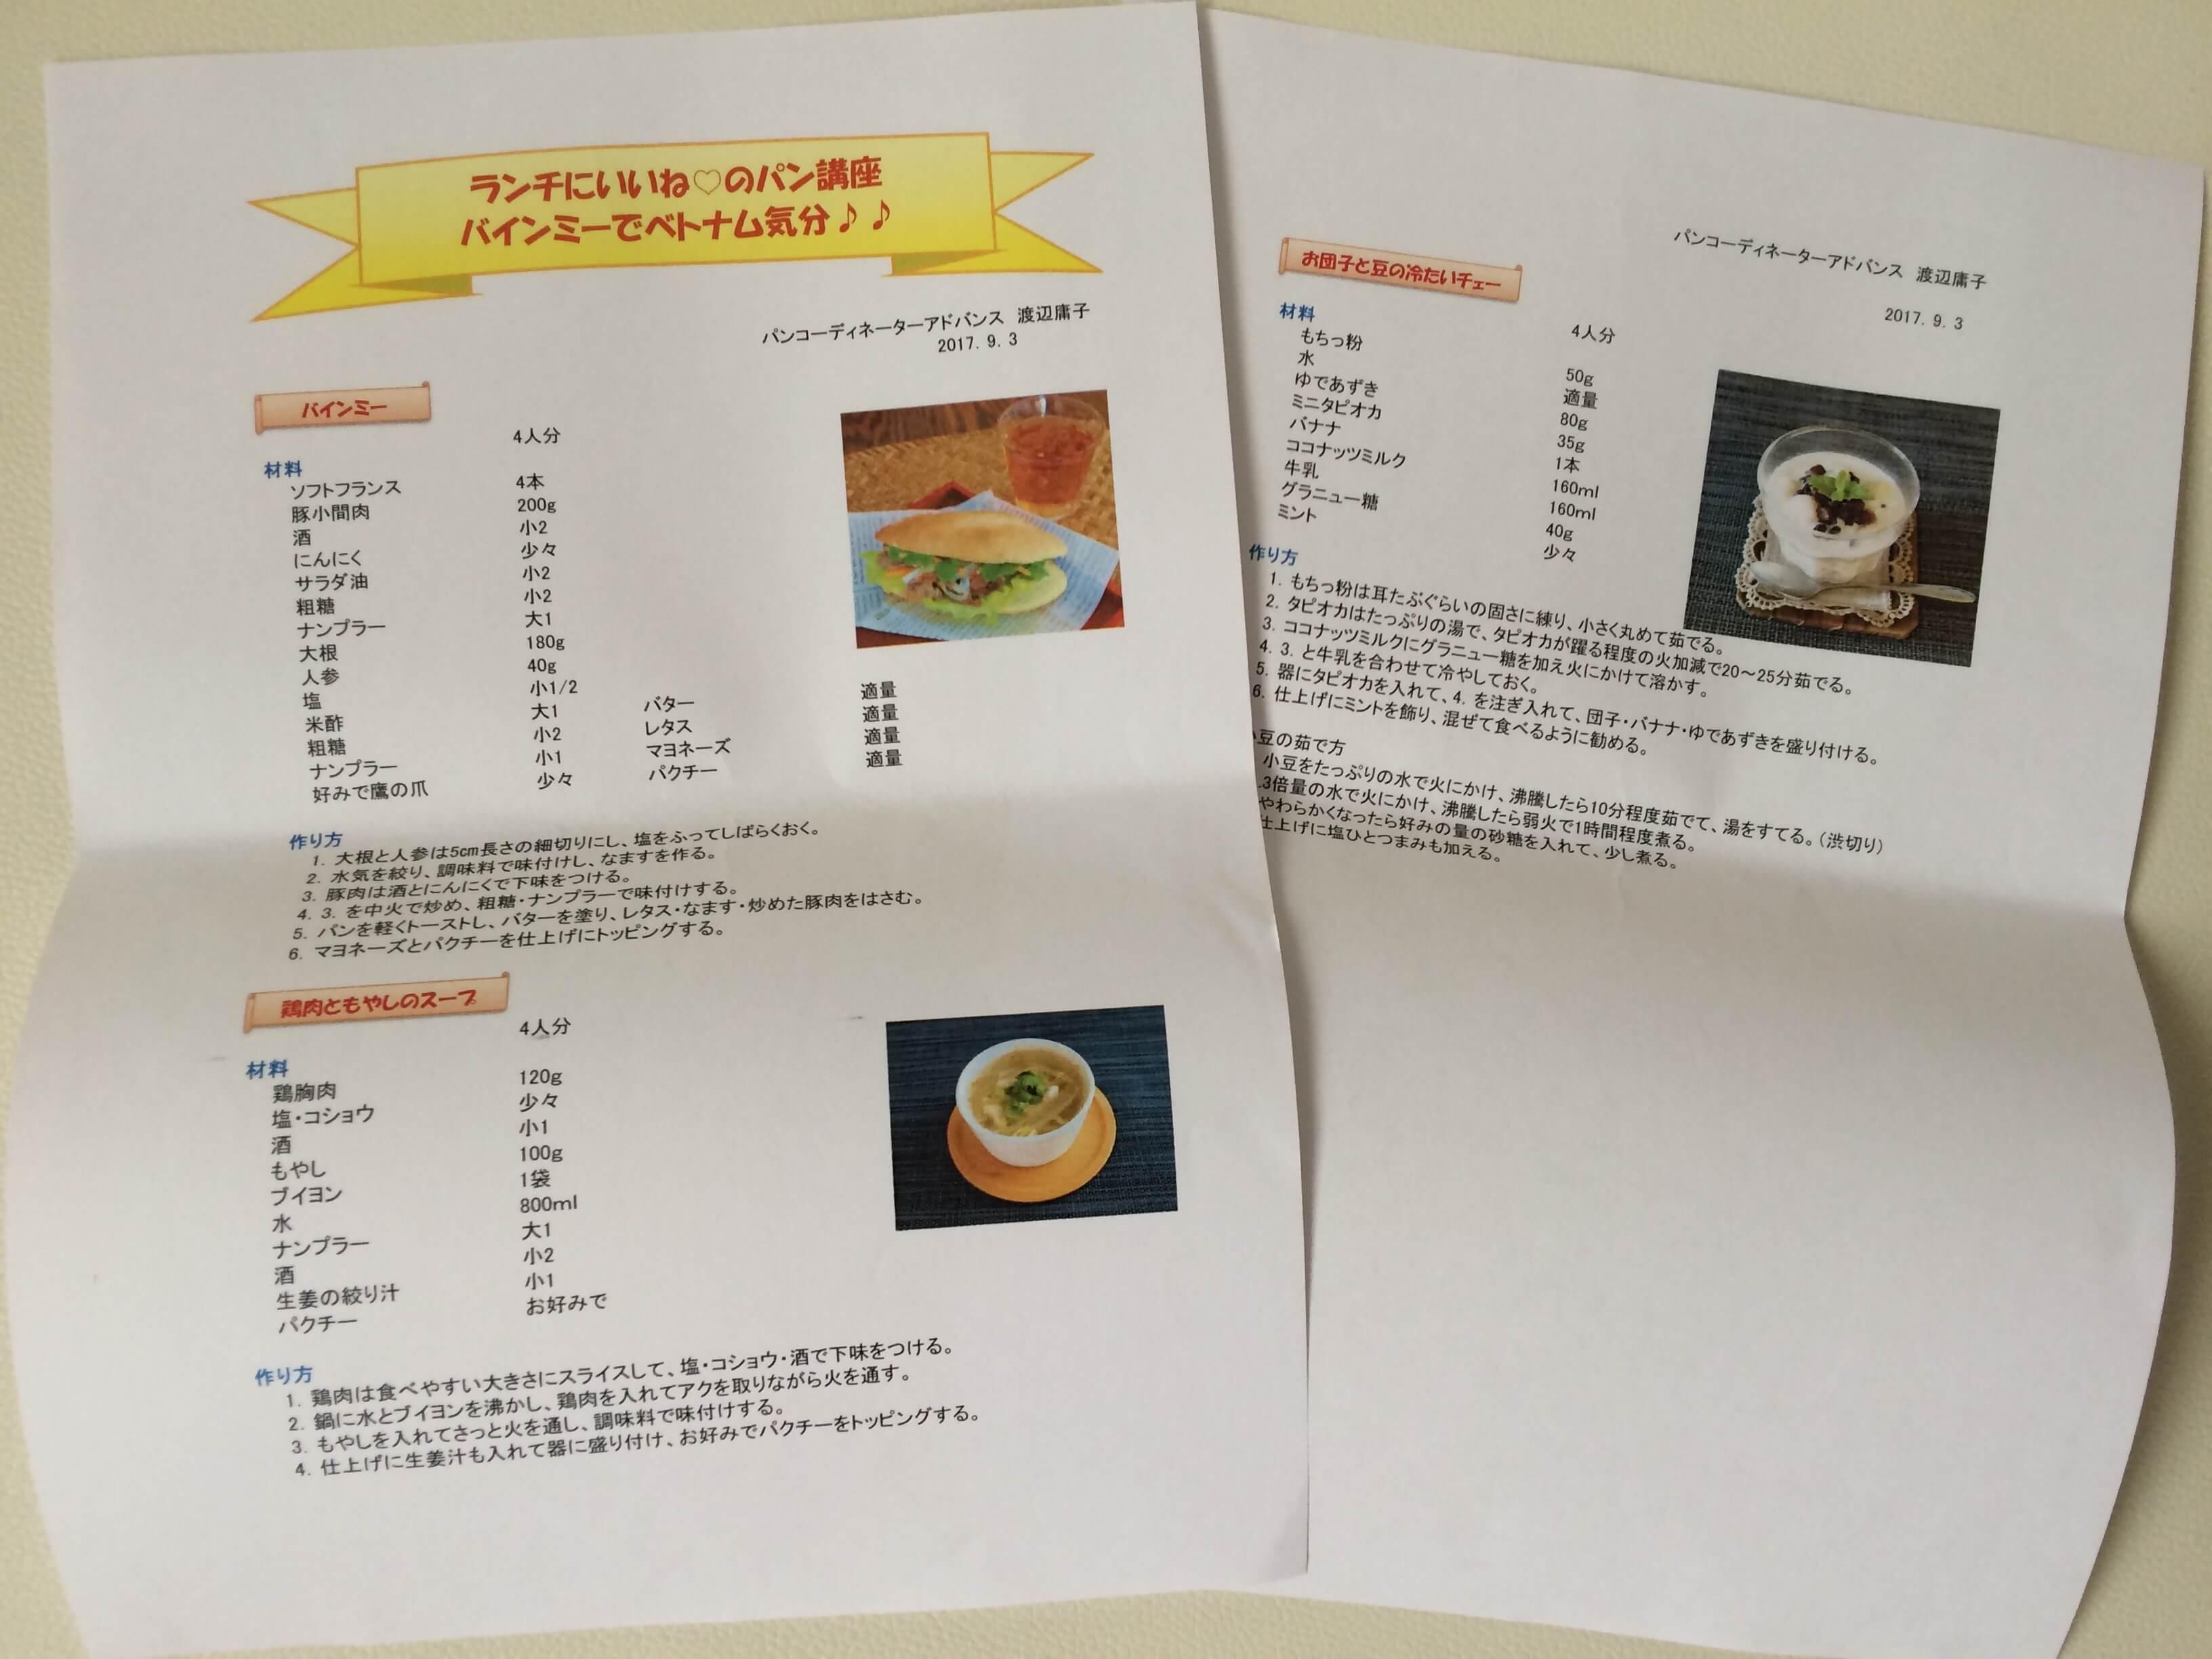 らでぃっしゅぼーやの料理会口コミ体験10